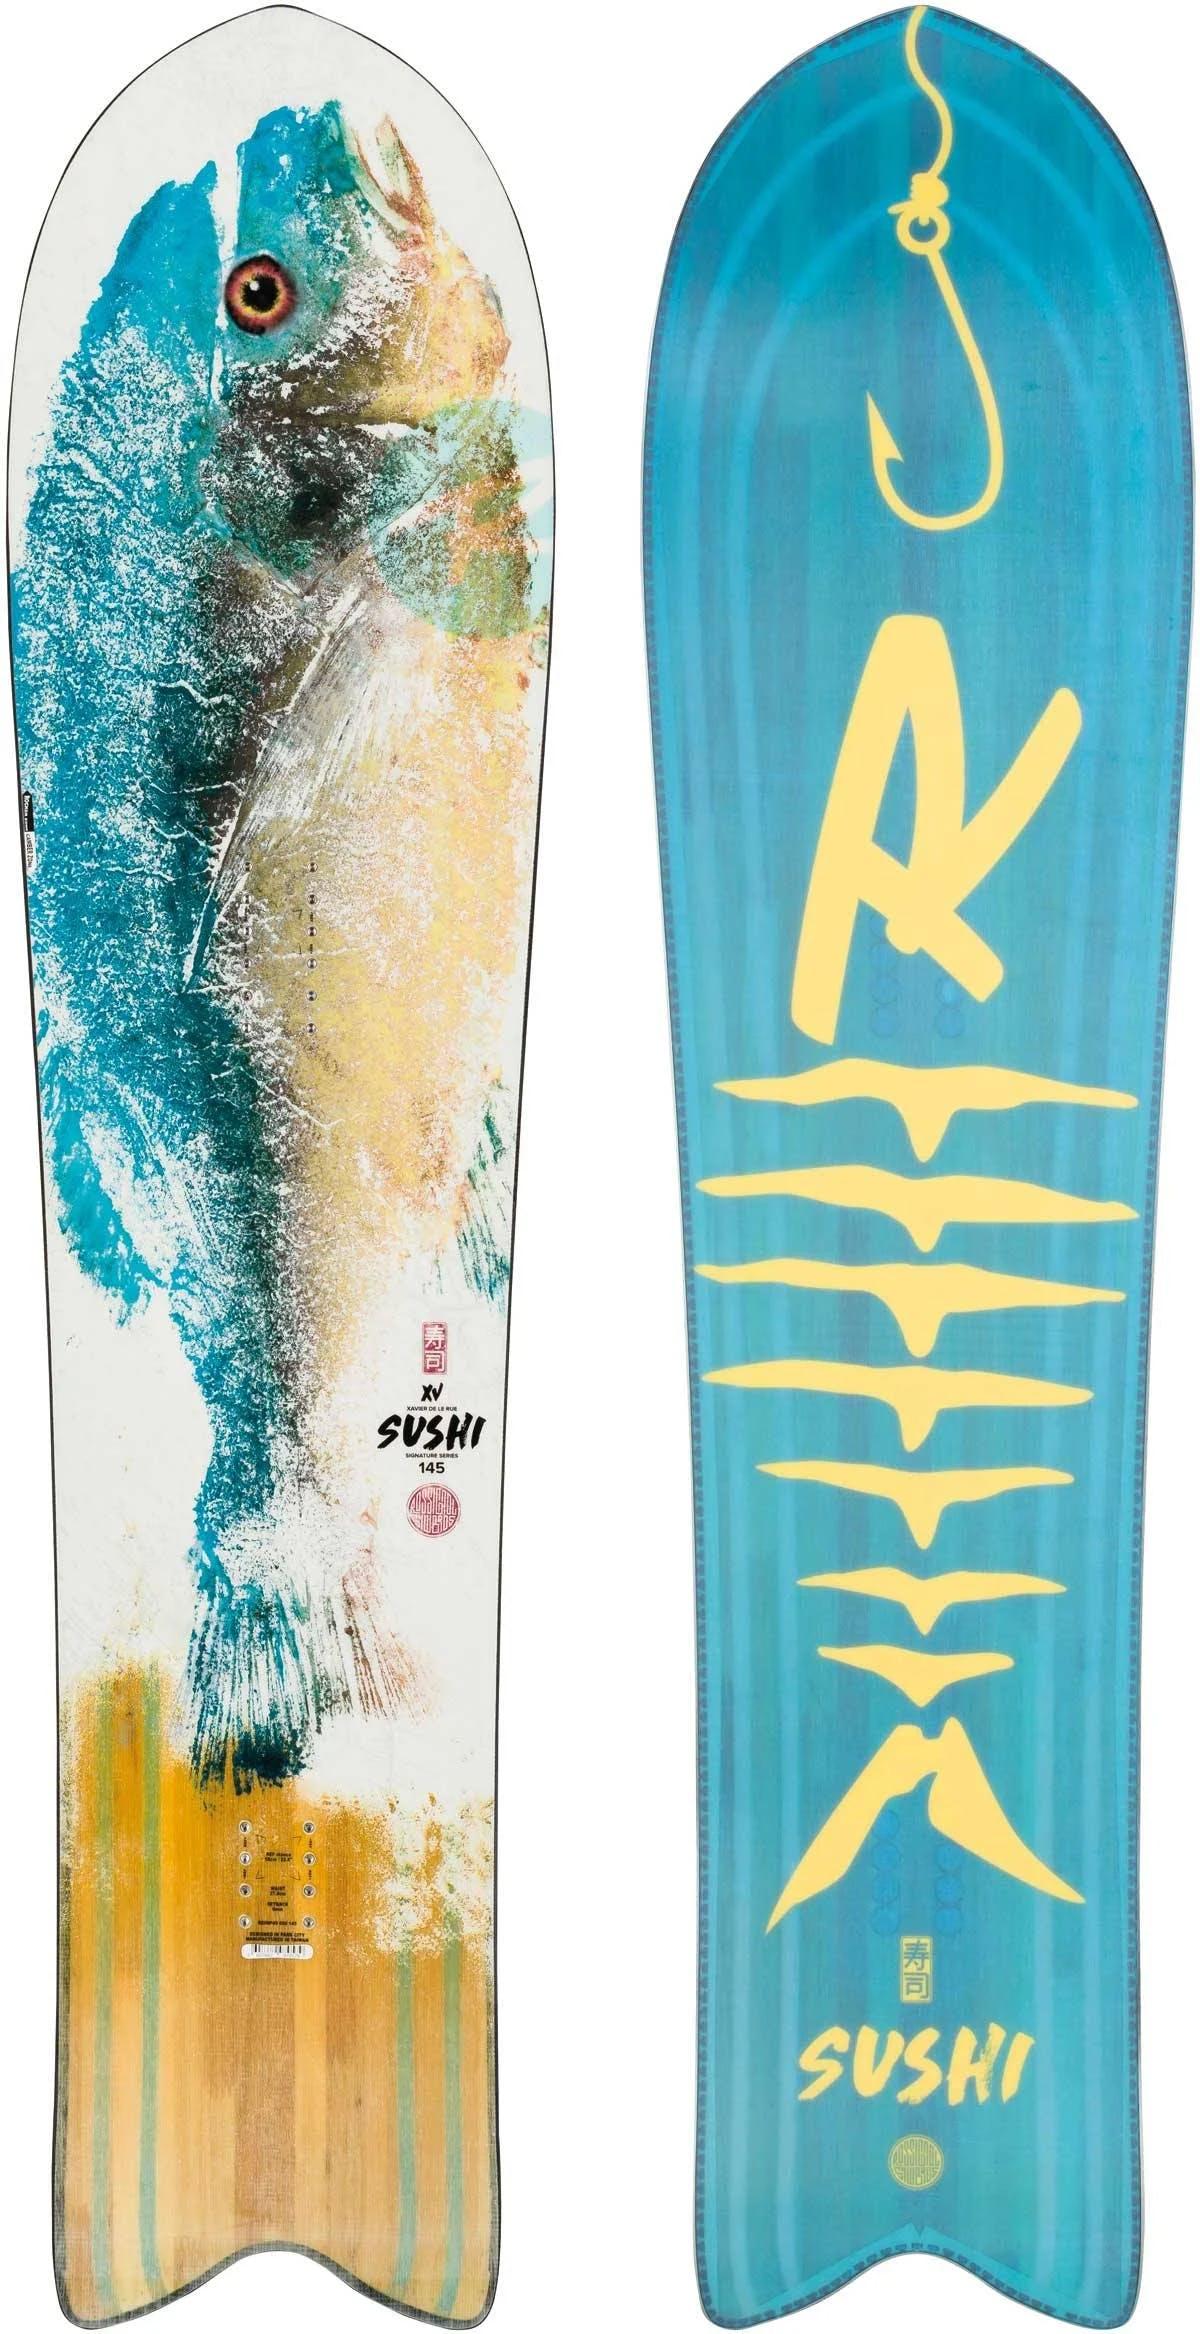 Rossignol XV Sushi LF Snowboard